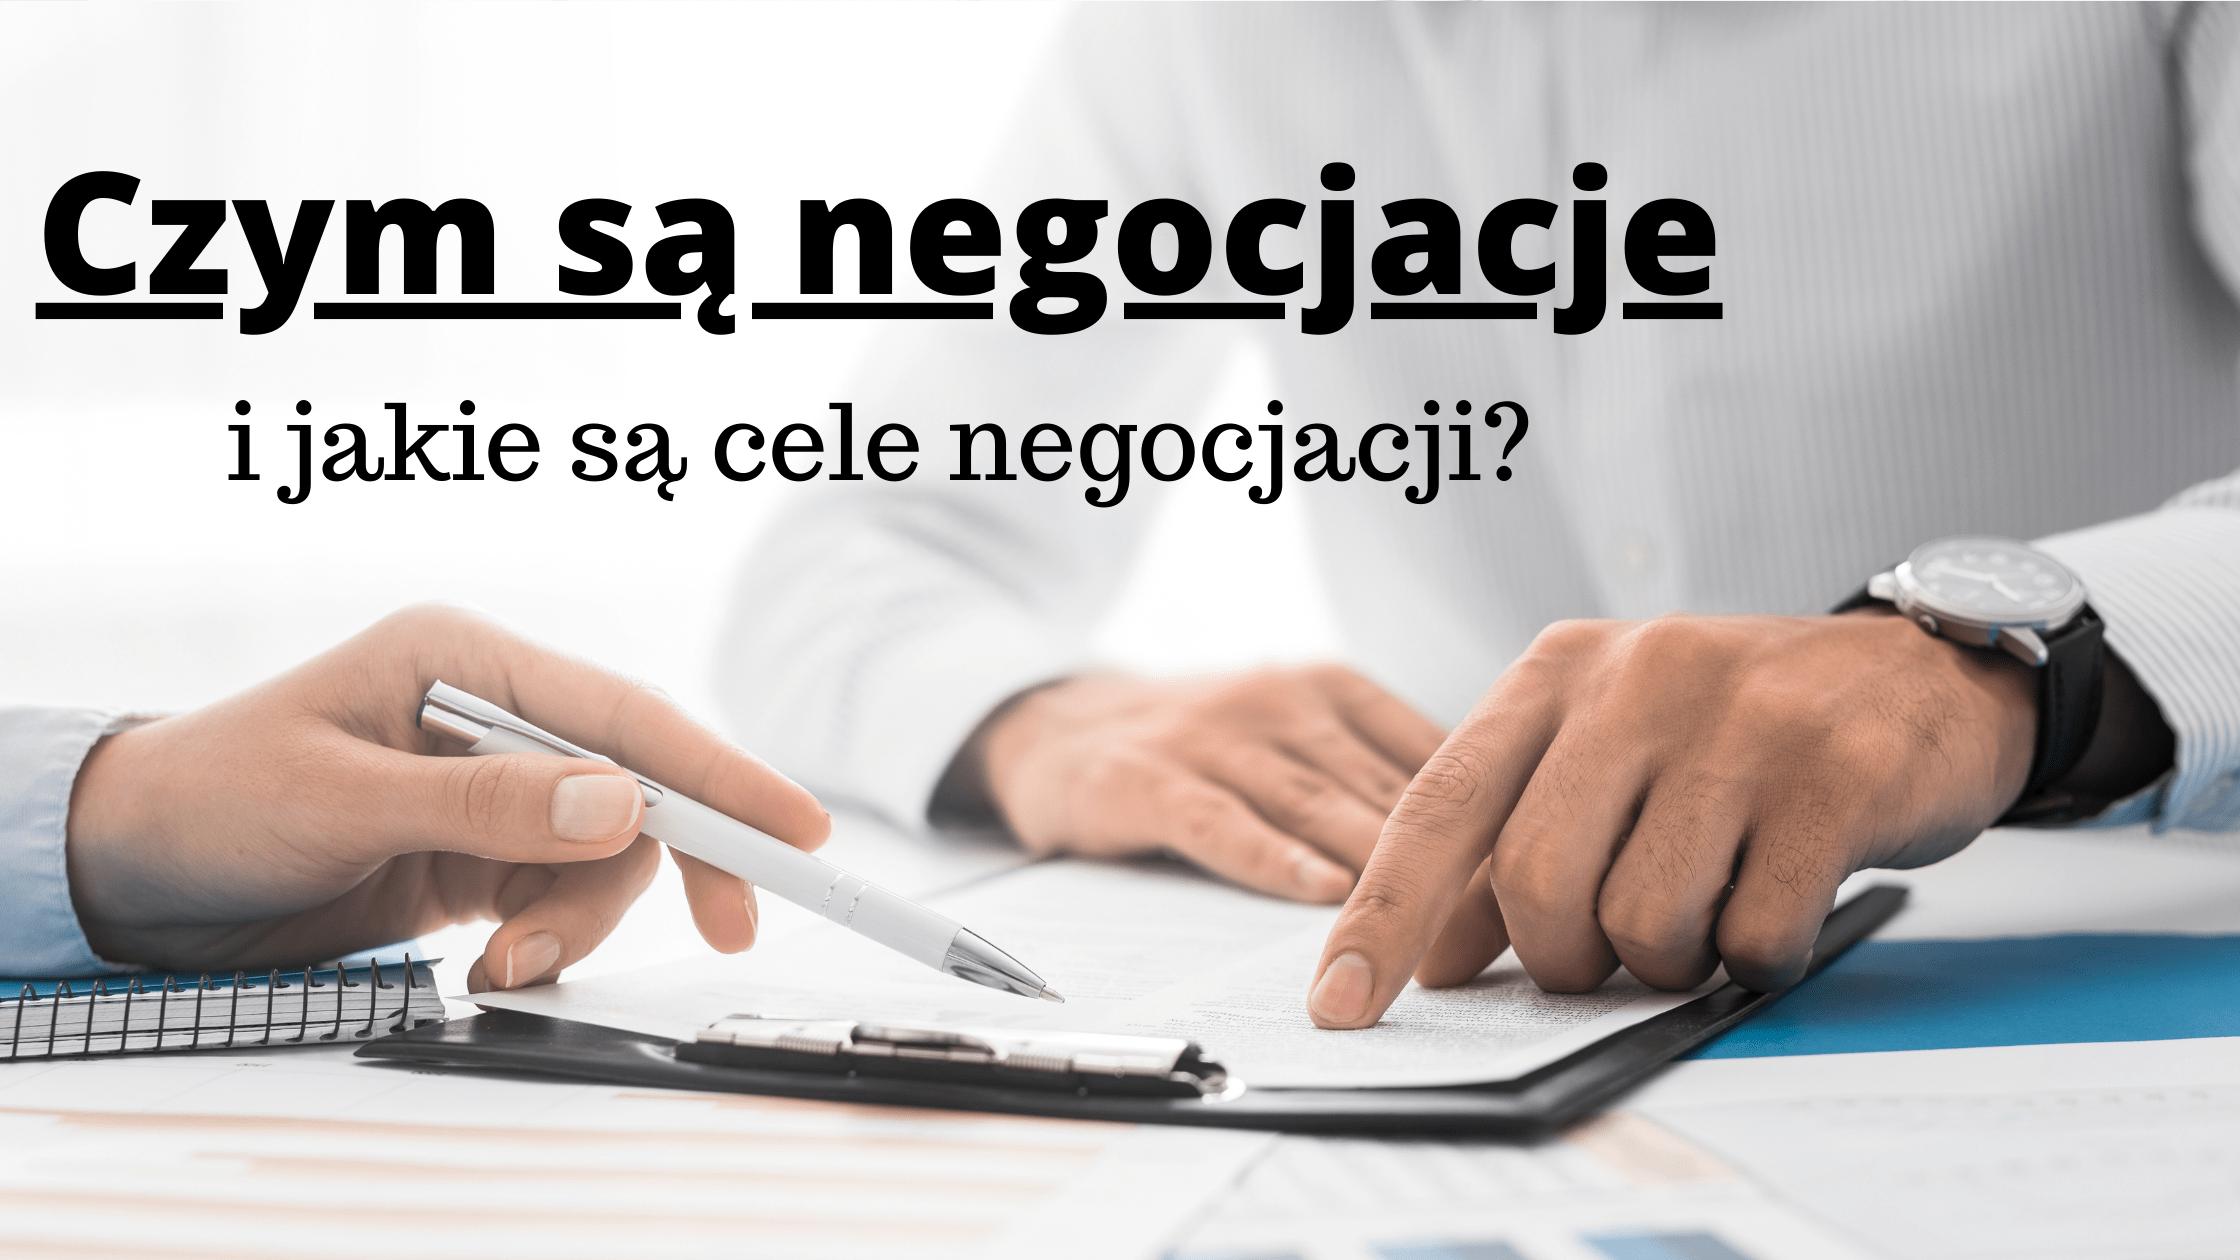 Czym są negocjacje i jakie są cele negocjacji?